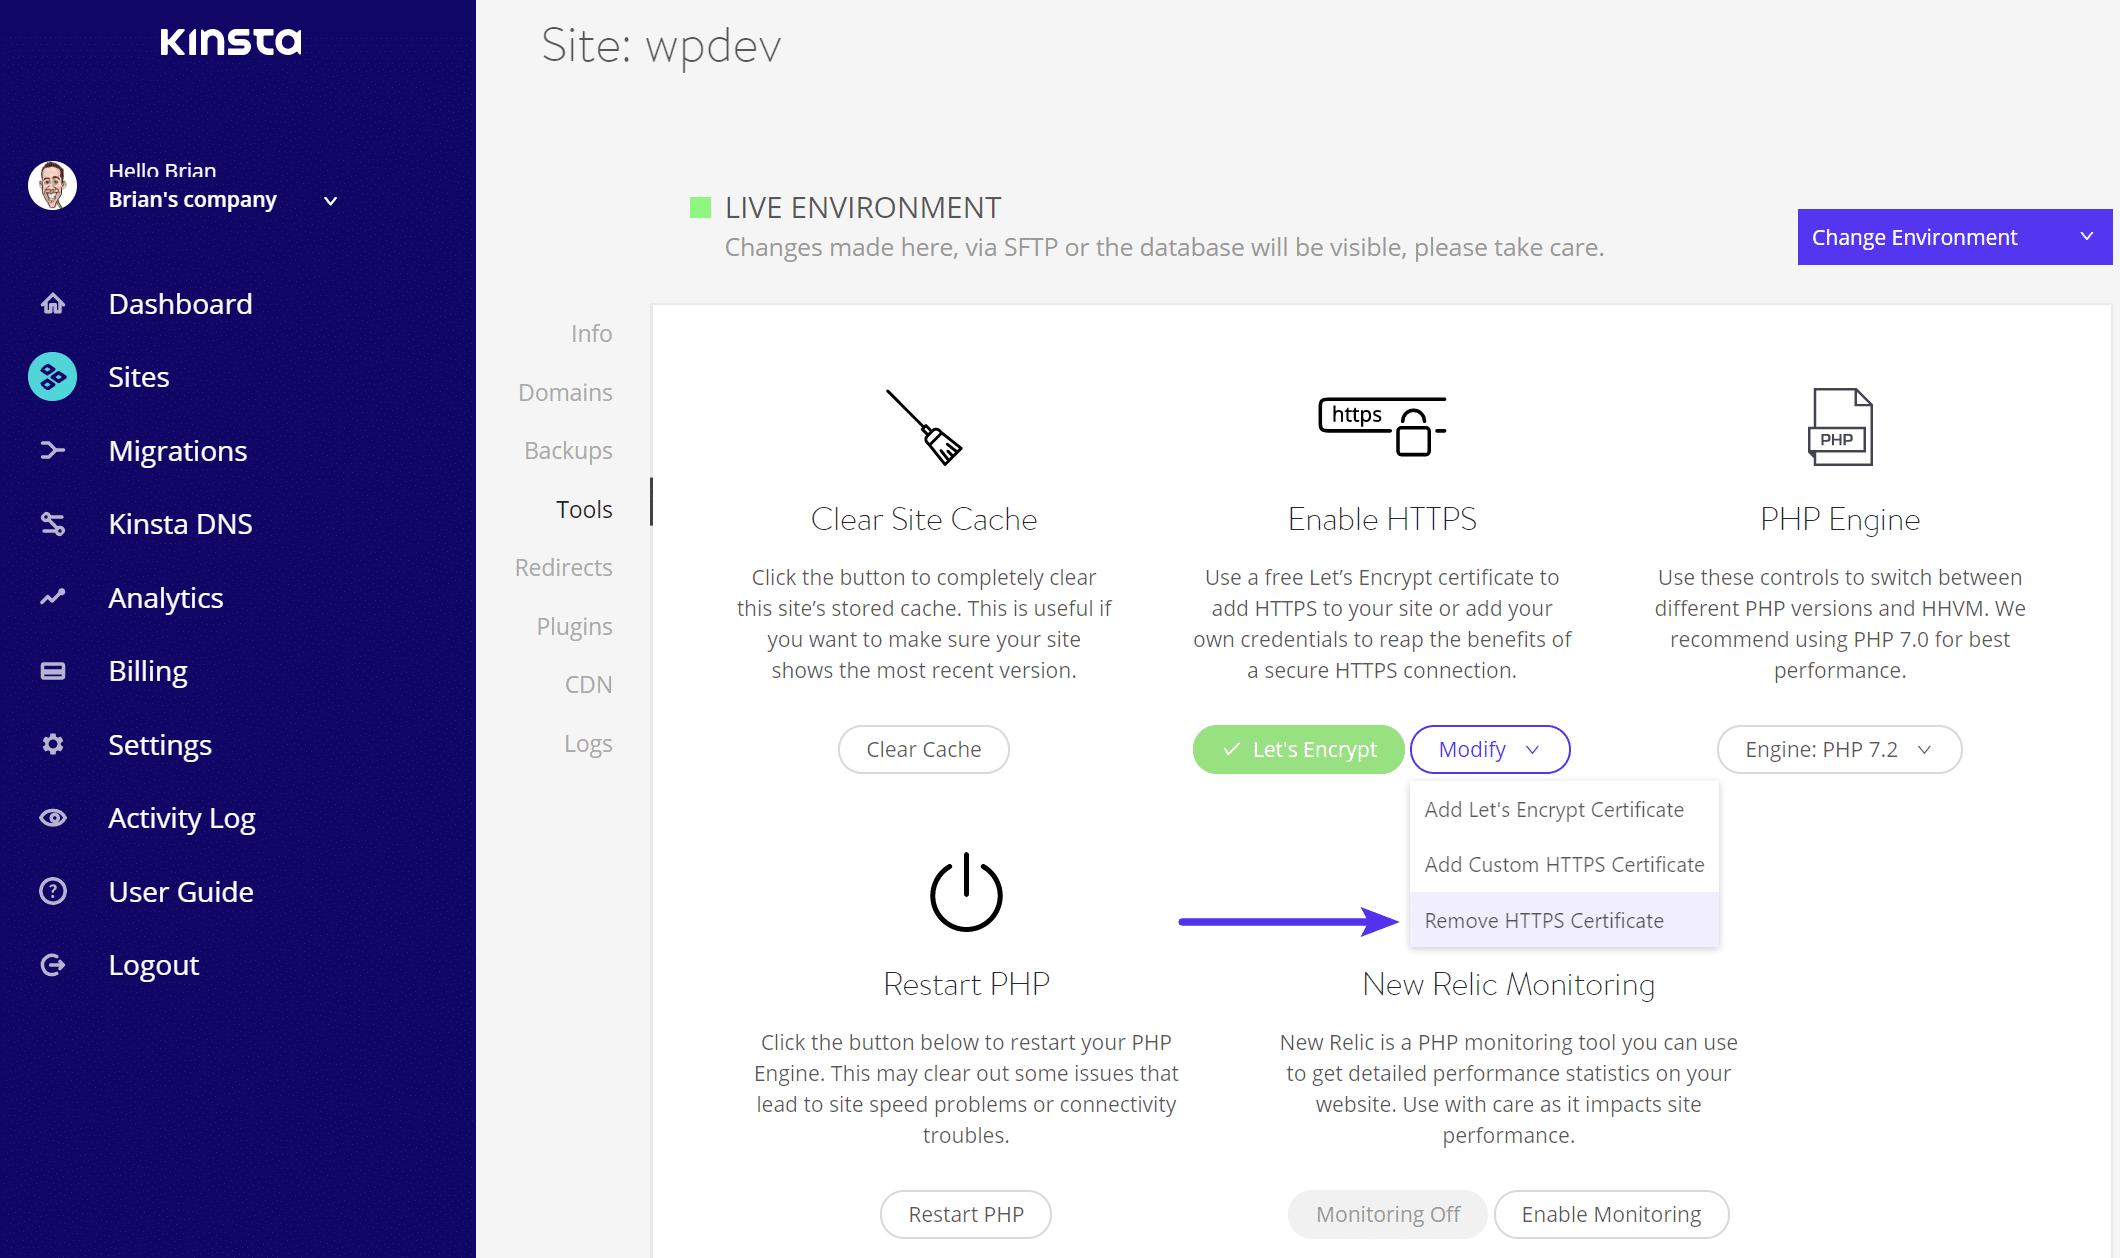 HTTPS-certificaat verwijderen